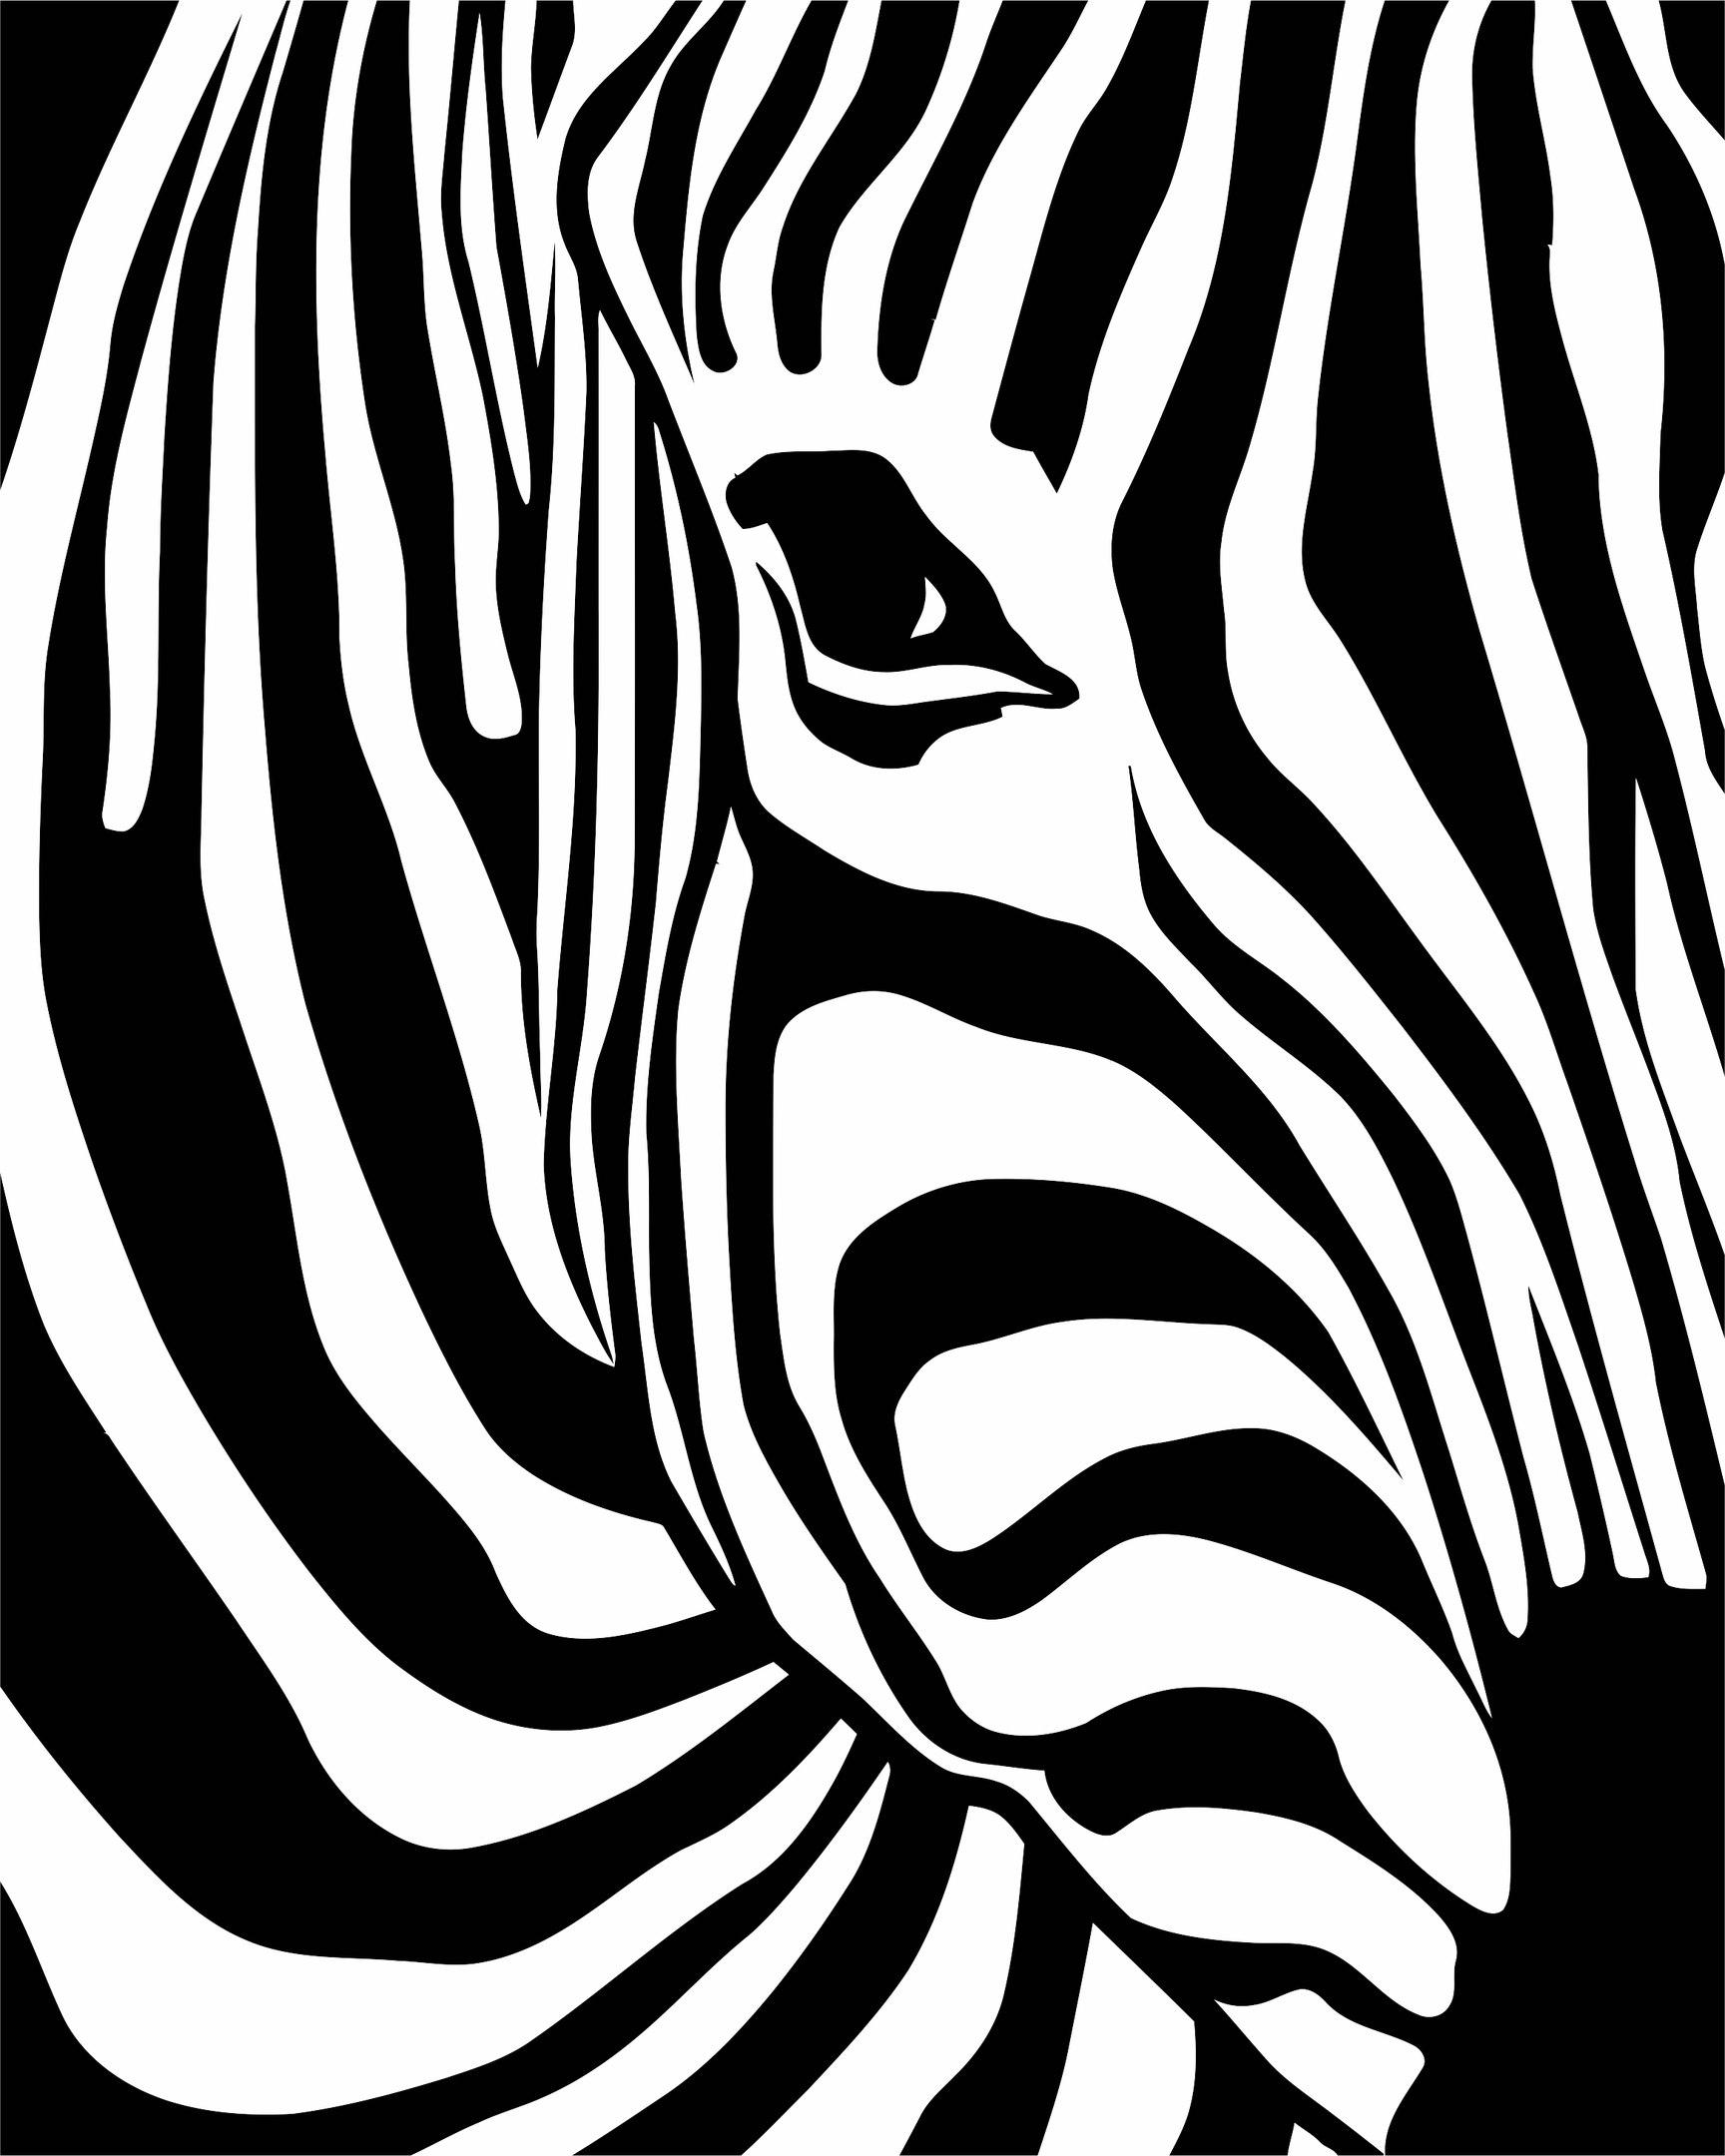 Zebra Print File Free CDR Vectors Art